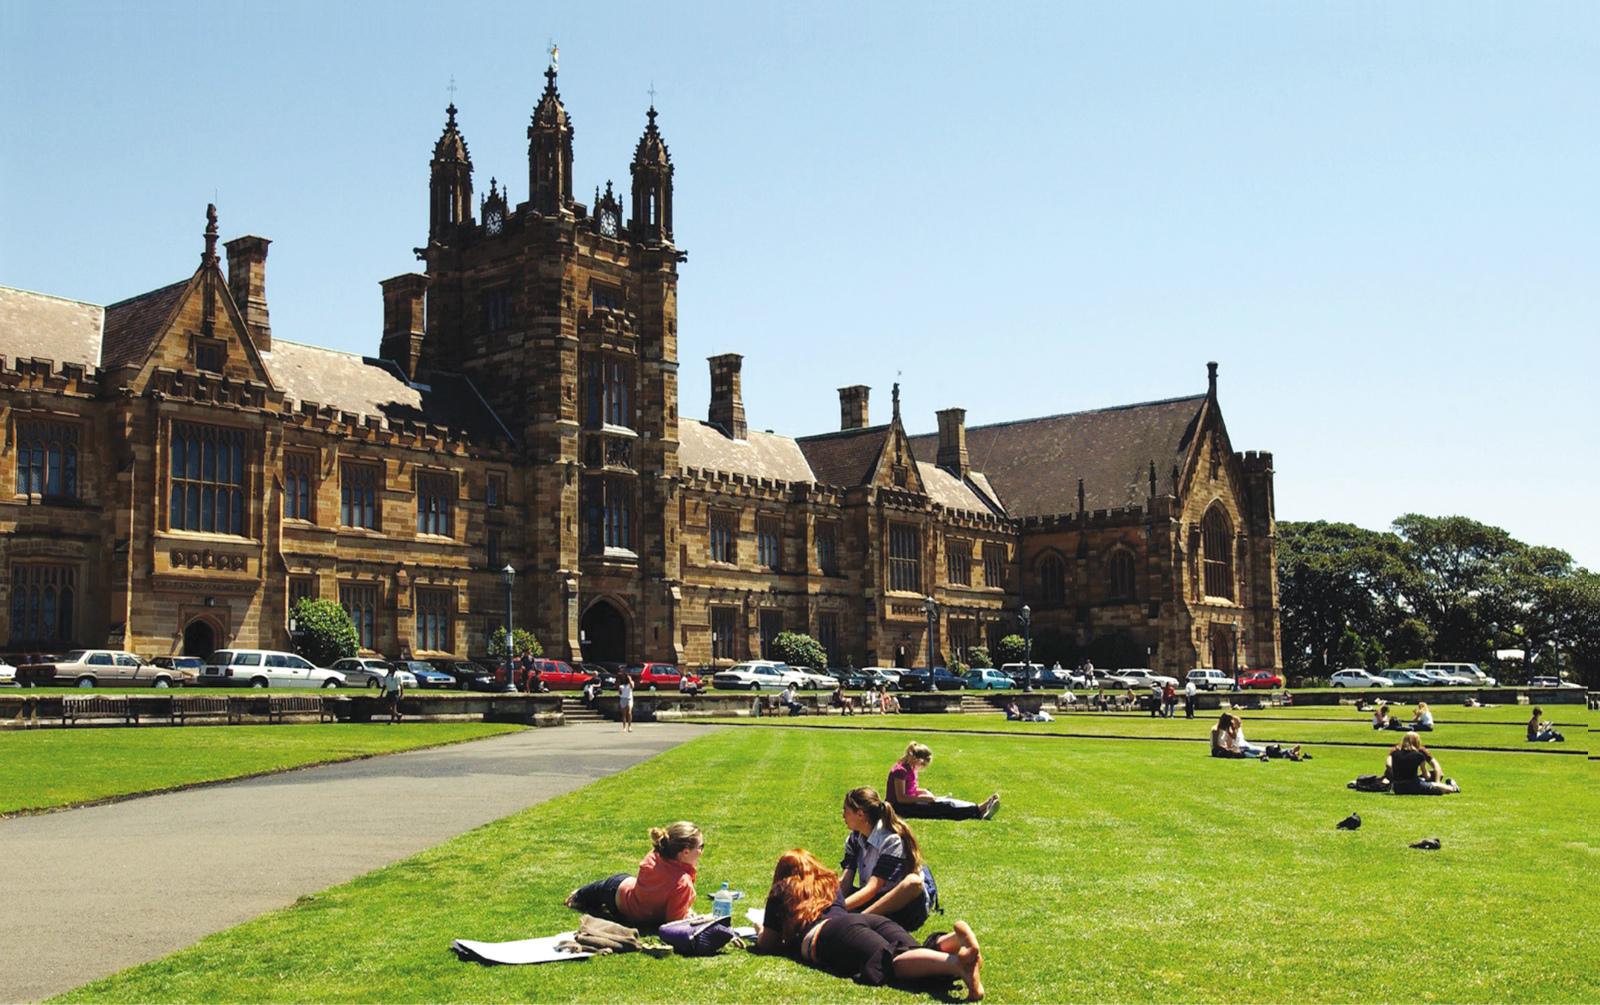 留学经费 我们要准备多少预算才能去澳洲留学呢?